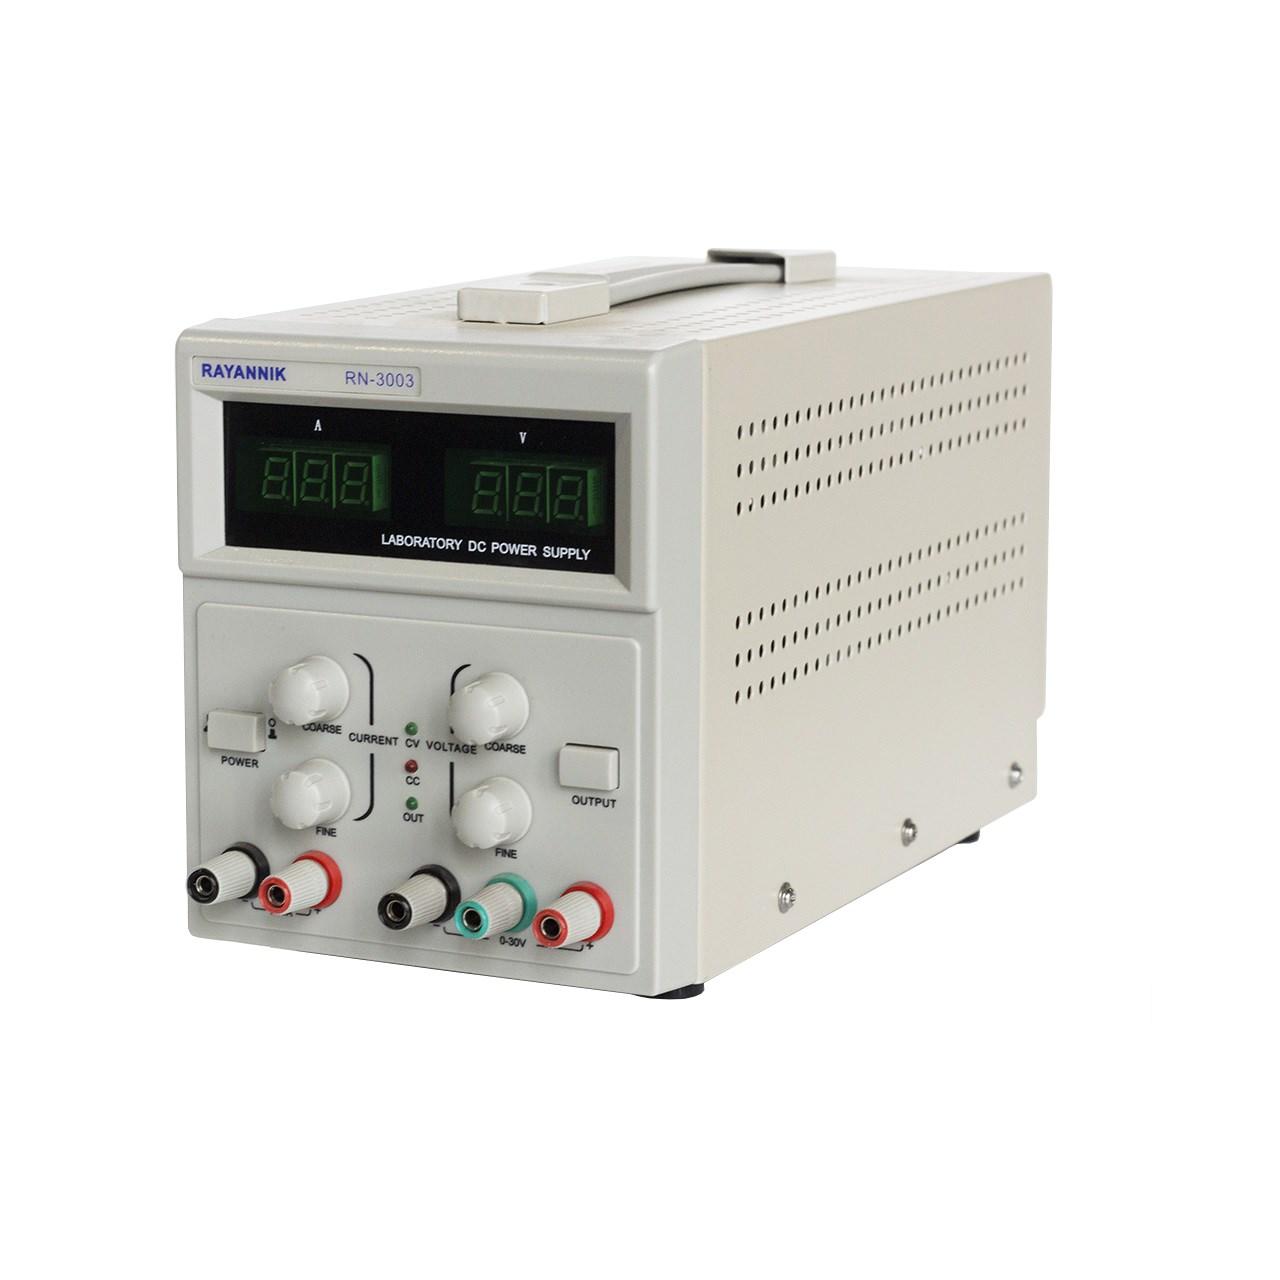 منبع تغذیه 30 ولت 3 آمپر رایان نیک مدل RN-3003